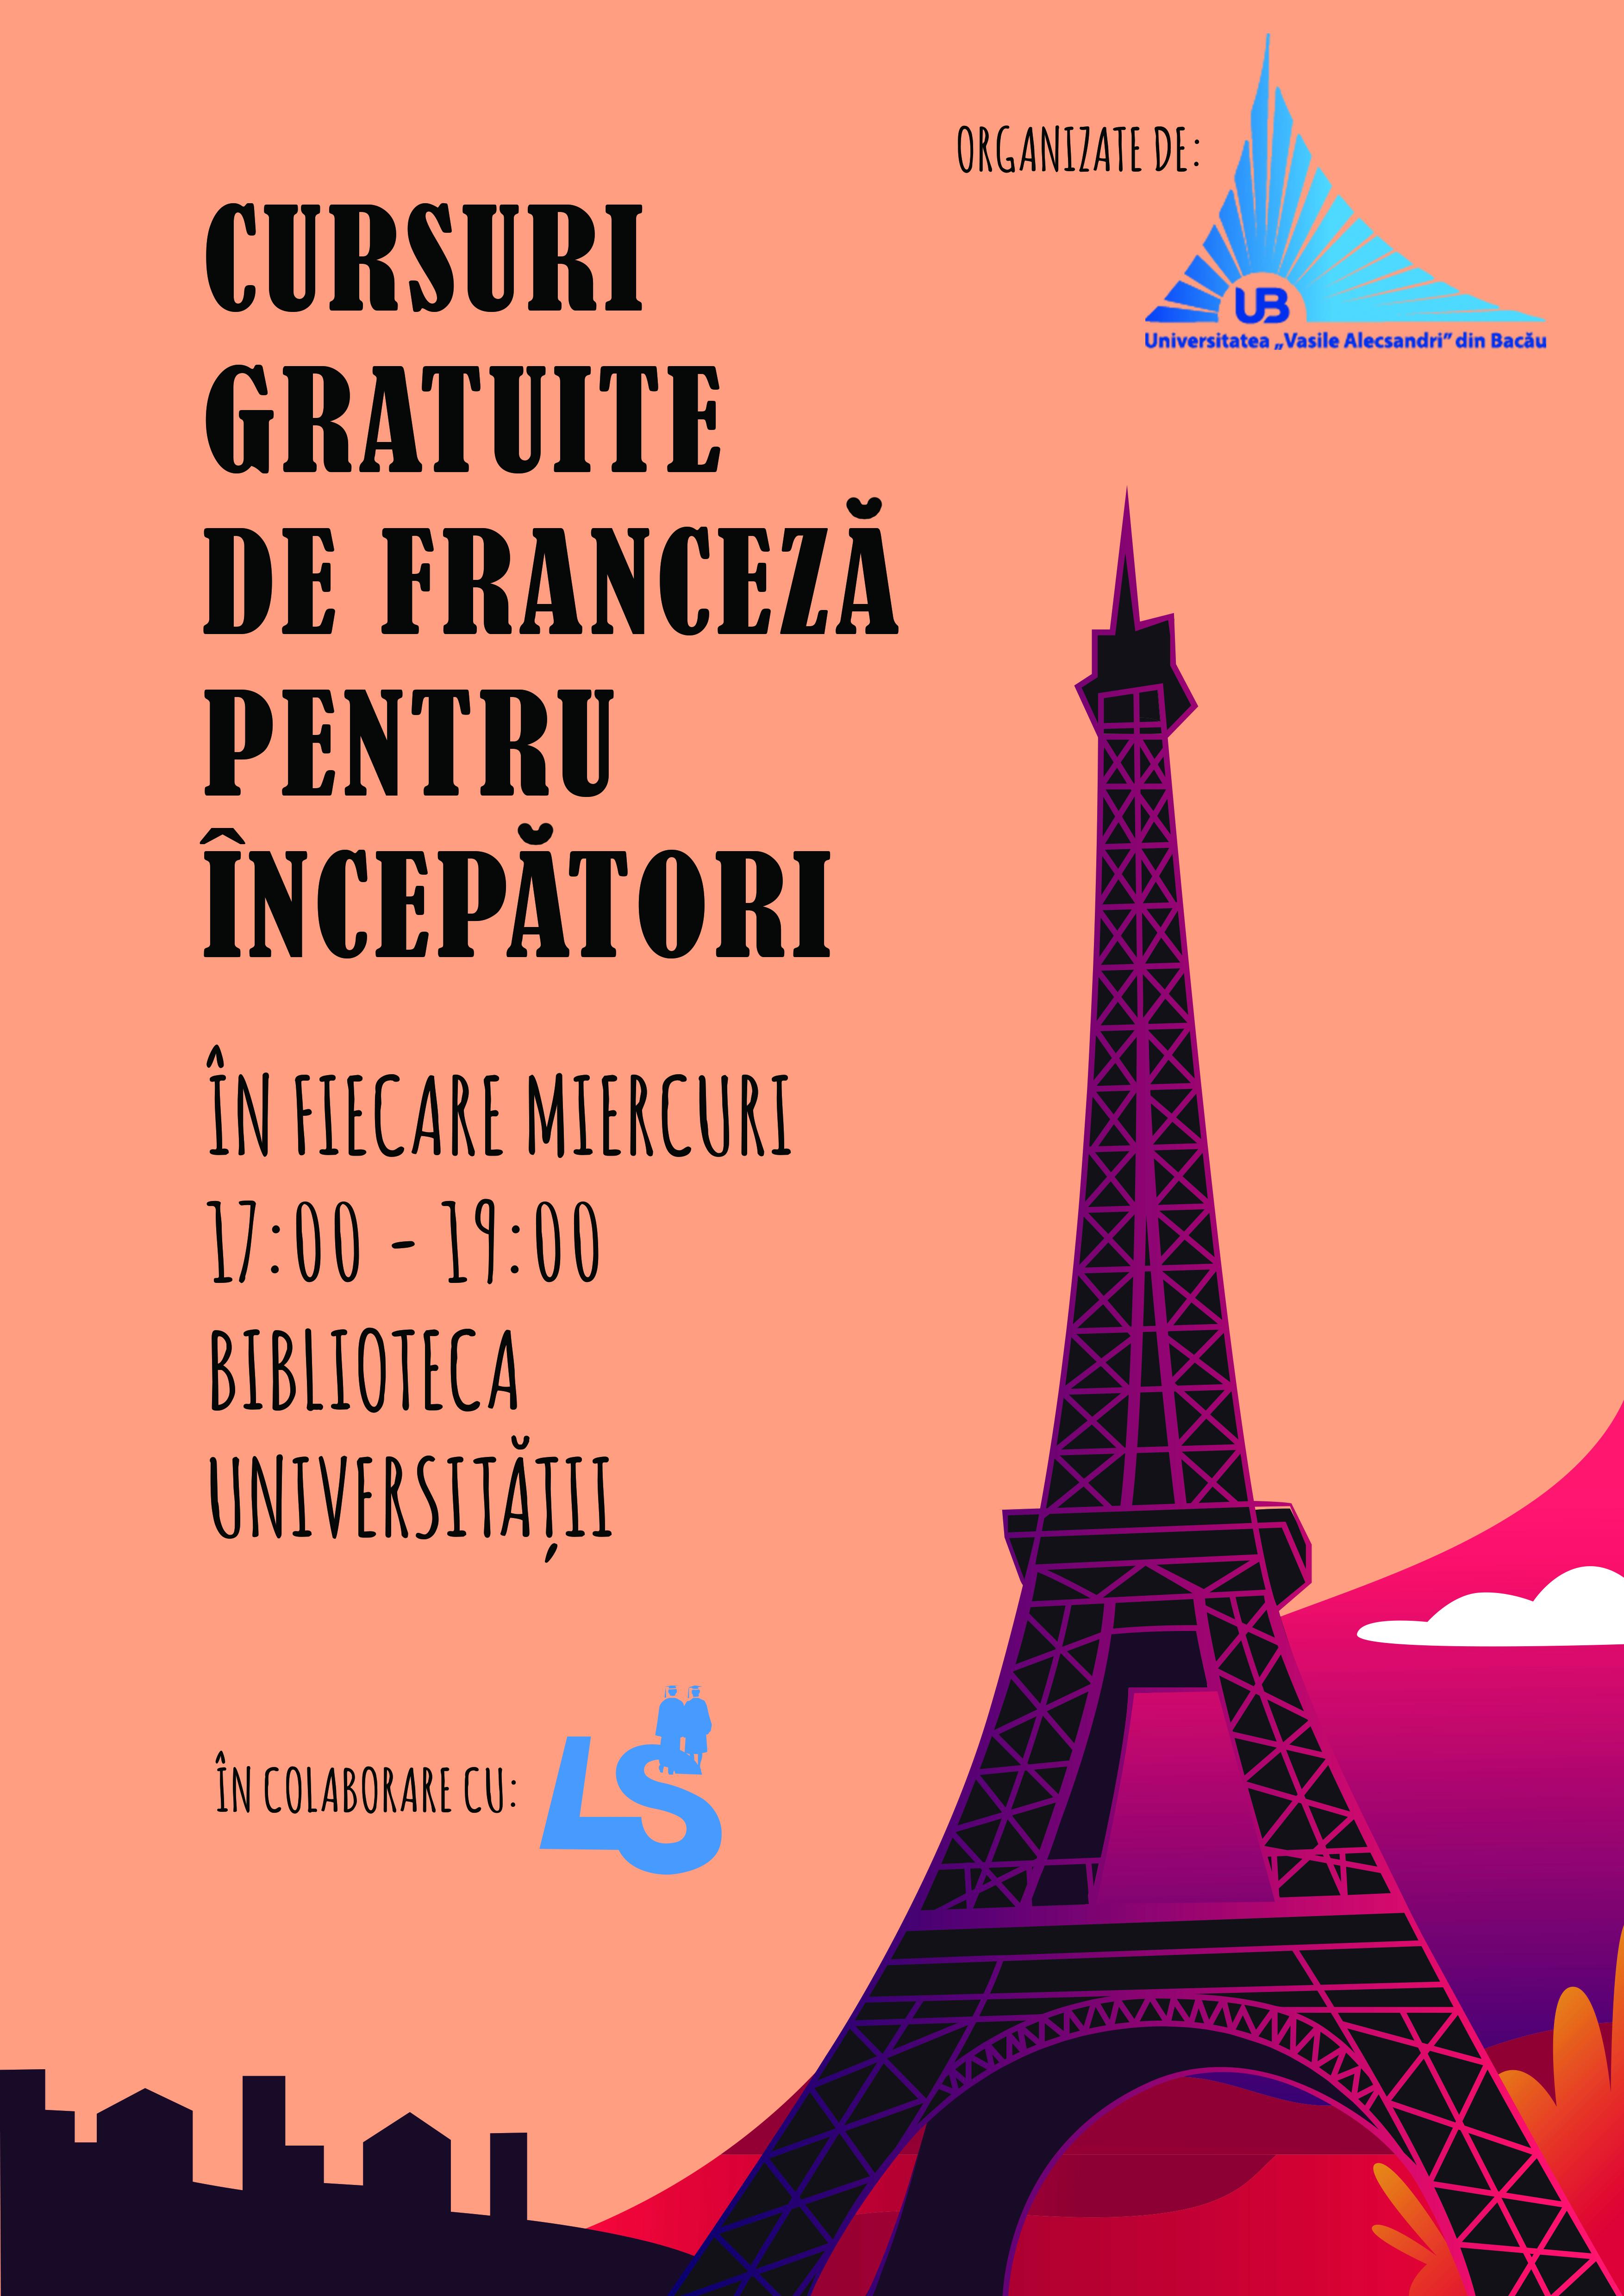 Cursuri gratuite de franceză pentru începători